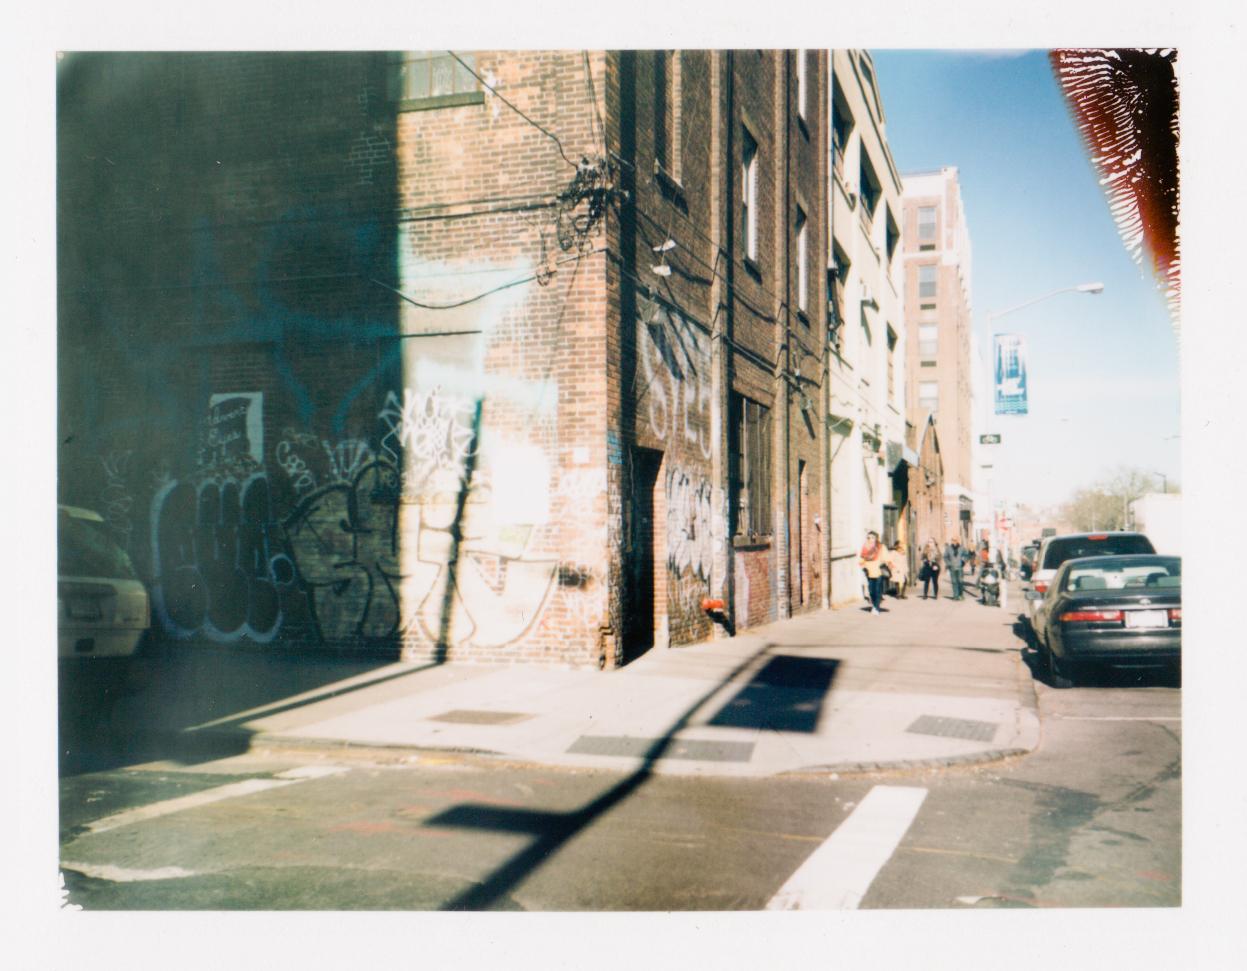 Brooklyn, NY | January 2013